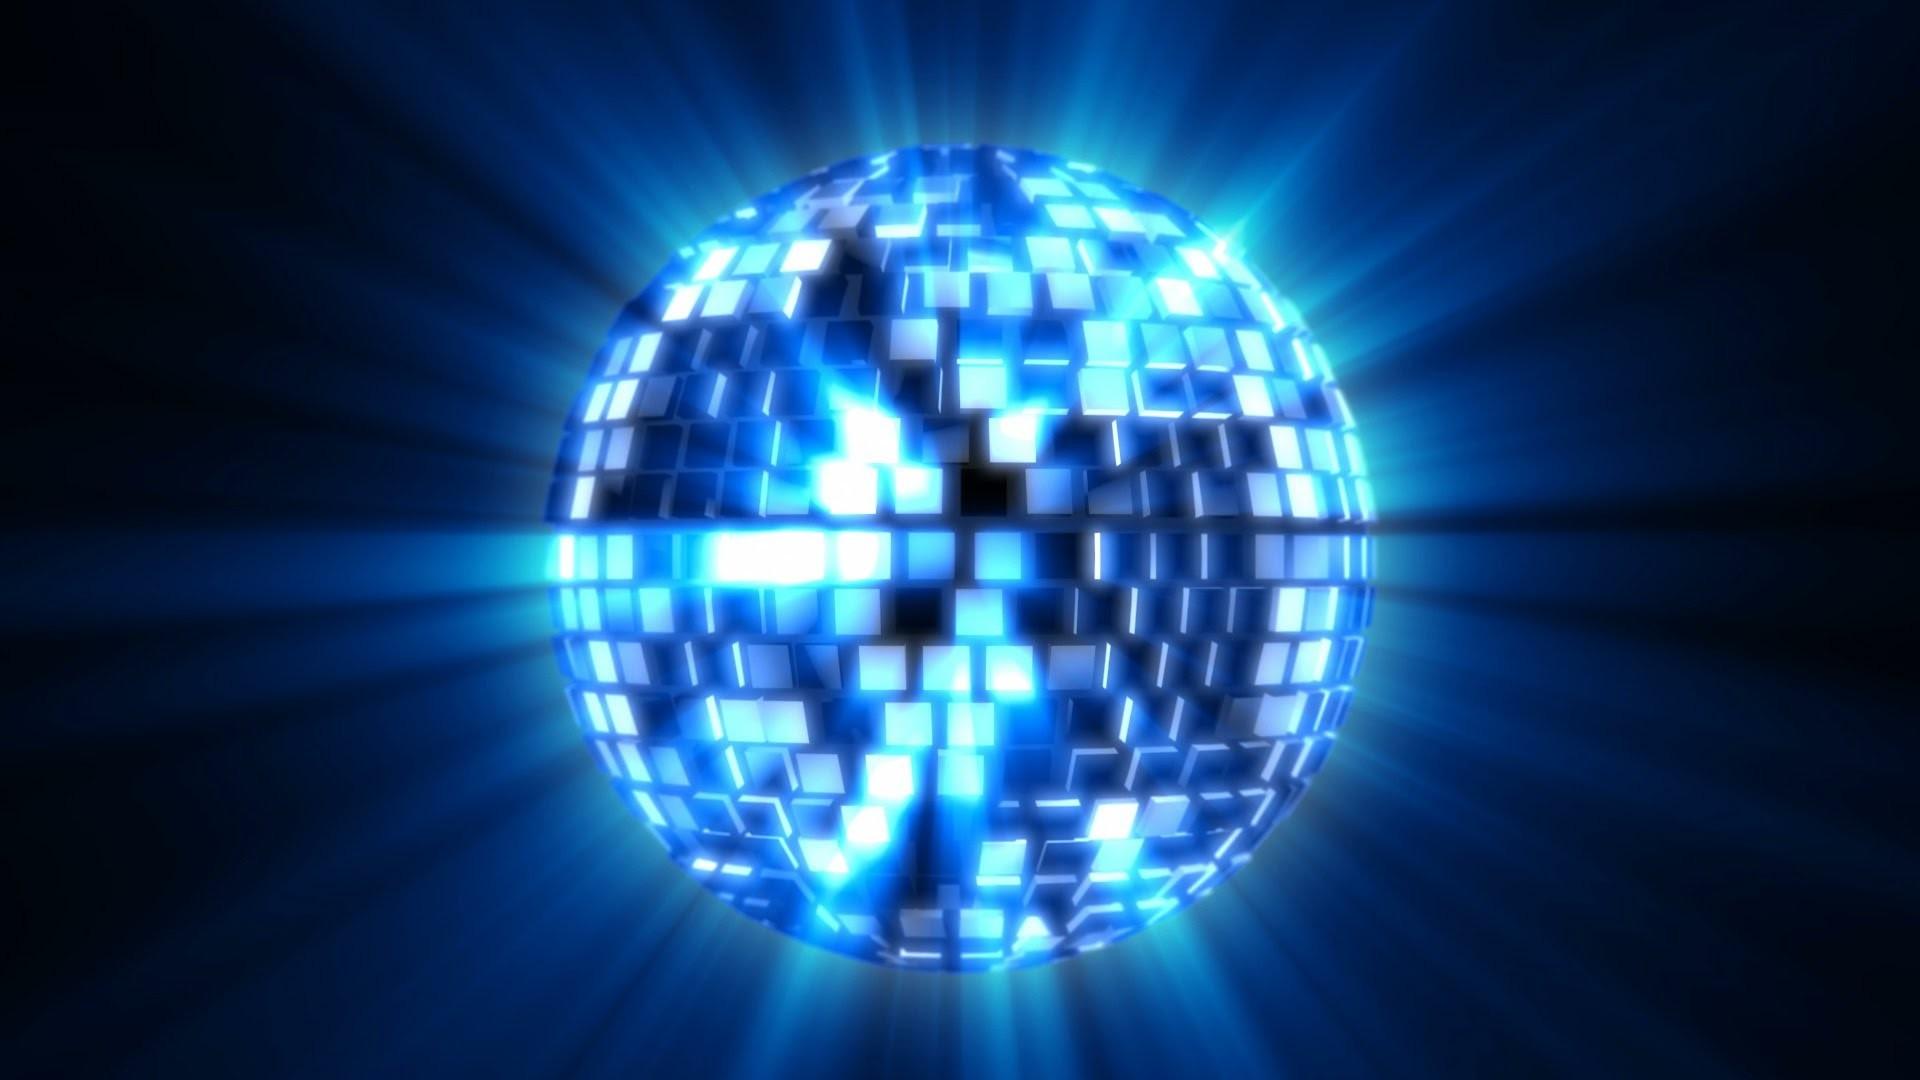 Disco Ball Wallpaper 183 ① Wallpapertag